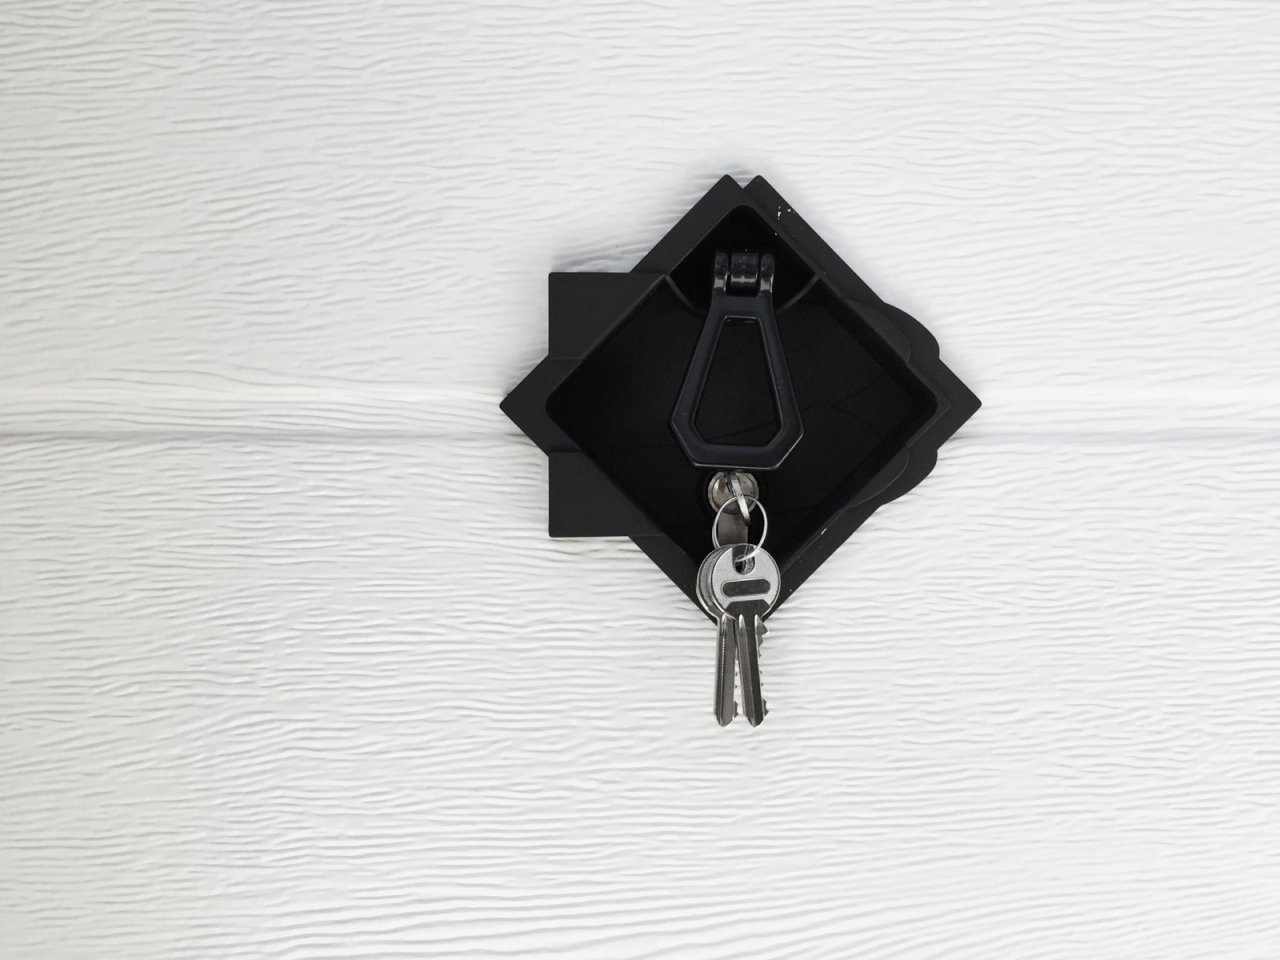 Ares - Ares è la porta garage che si contraddistingue per linee armoniose e luminosità. Una soluzione sobria e al tempo stesso funzionale: le superfici dei pannelli, caratterizzate dalla finitura stucco o wood grain per la versione verniciata, liscio Ultra Touch per la versione Simil Legno, offrono un risultato estetico equilibrato che si abbina alle caratteristiche di qualità e affidabilità tipiche di tutta la produzione Breda.